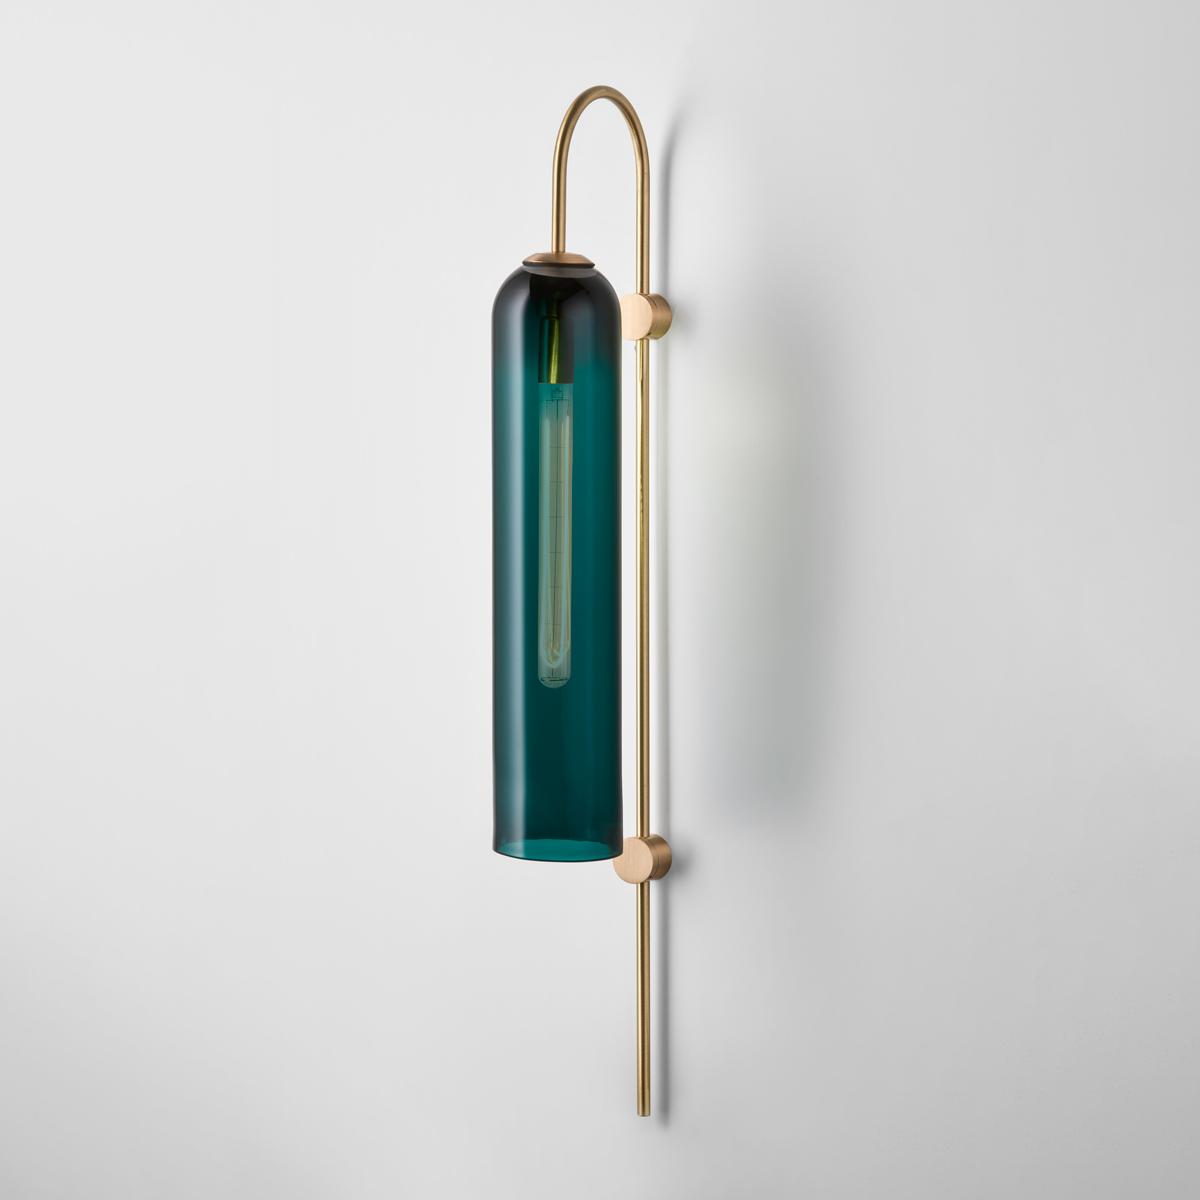 Articolo lighting float wall sconce drunken emerald brass on